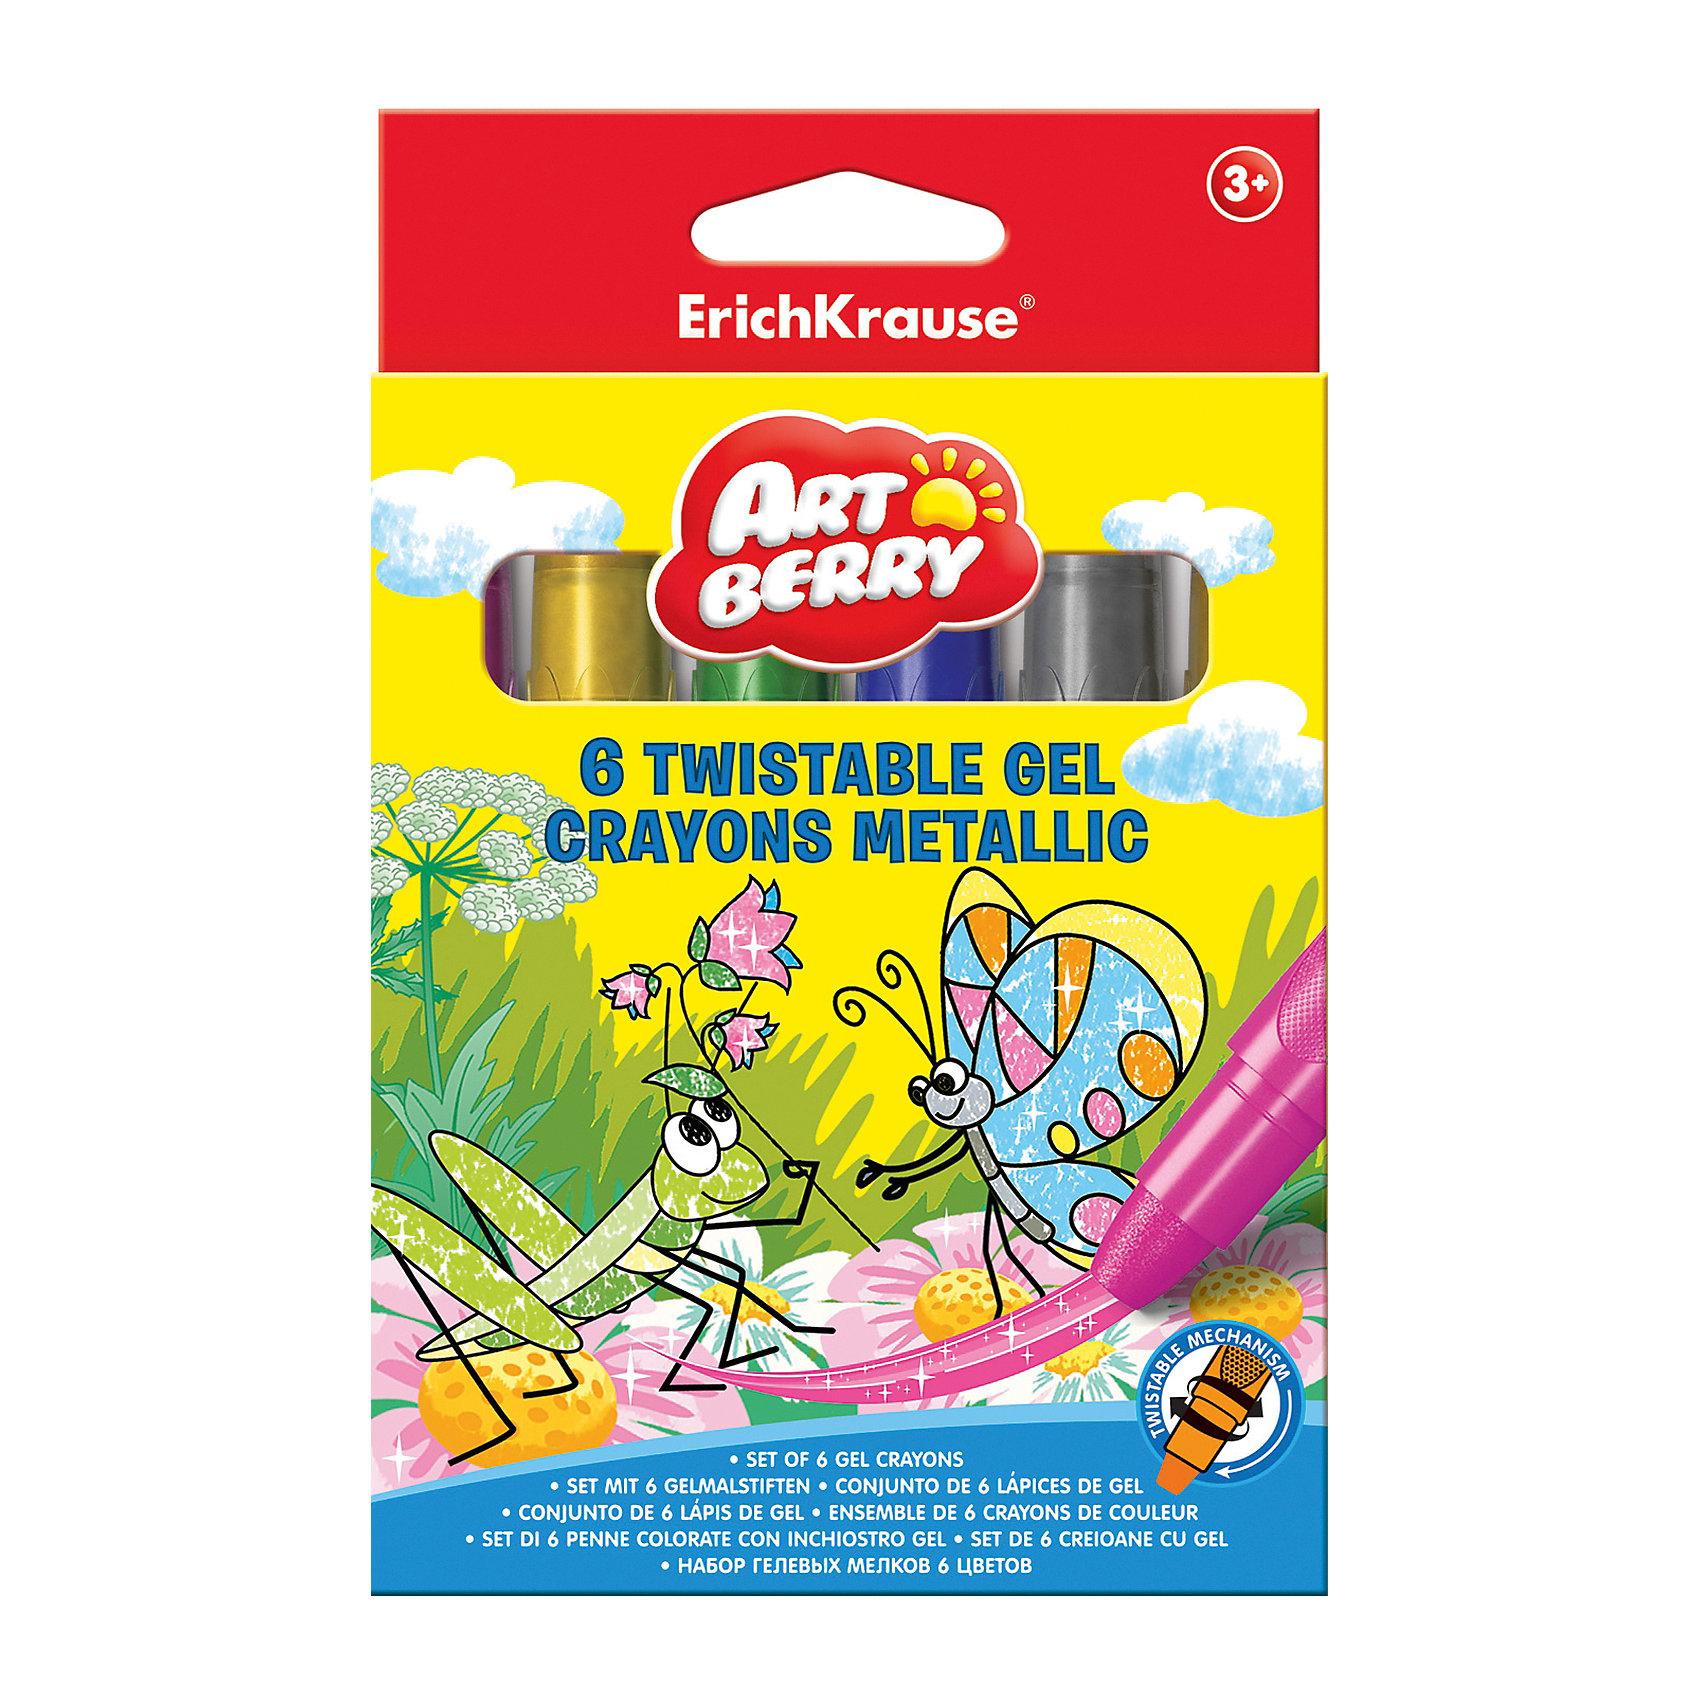 Erich Krause Гелевые мелки ArtBerry Twistable Metallic 6 цветовМасляные и восковые мелки<br>Характеристики товара:<br><br>• в комплекте: 6 гелевых мелков;<br>• поворотный механизм;<br>• размер упаковки: 2х10х12 см;<br>• вес: 148 грамм;<br>• возраст: от 3 лет.<br><br>Гелевые мелки ArtBerry Twistable - прекрасный вариант для детского творчества. В набор входят шесть гелевых мелков, изготовленных на водной основе. Цвета мелков хорошо смешиваются и размываются кистью. Мелки имеют поворотный механизм, благодаря чему их не нужно затачивать. Мягко пишут и сохраняют насыщенность цвета даже на солнце.<br><br>Erich Krause (Эрих Краузе) Гелевые мелки ArtBerry Twistable Metallic 6 цветов можно купить в нашем интернет-магазине.<br><br>Ширина мм: 120<br>Глубина мм: 100<br>Высота мм: 20<br>Вес г: 147<br>Возраст от месяцев: 36<br>Возраст до месяцев: 72<br>Пол: Унисекс<br>Возраст: Детский<br>SKU: 6878849